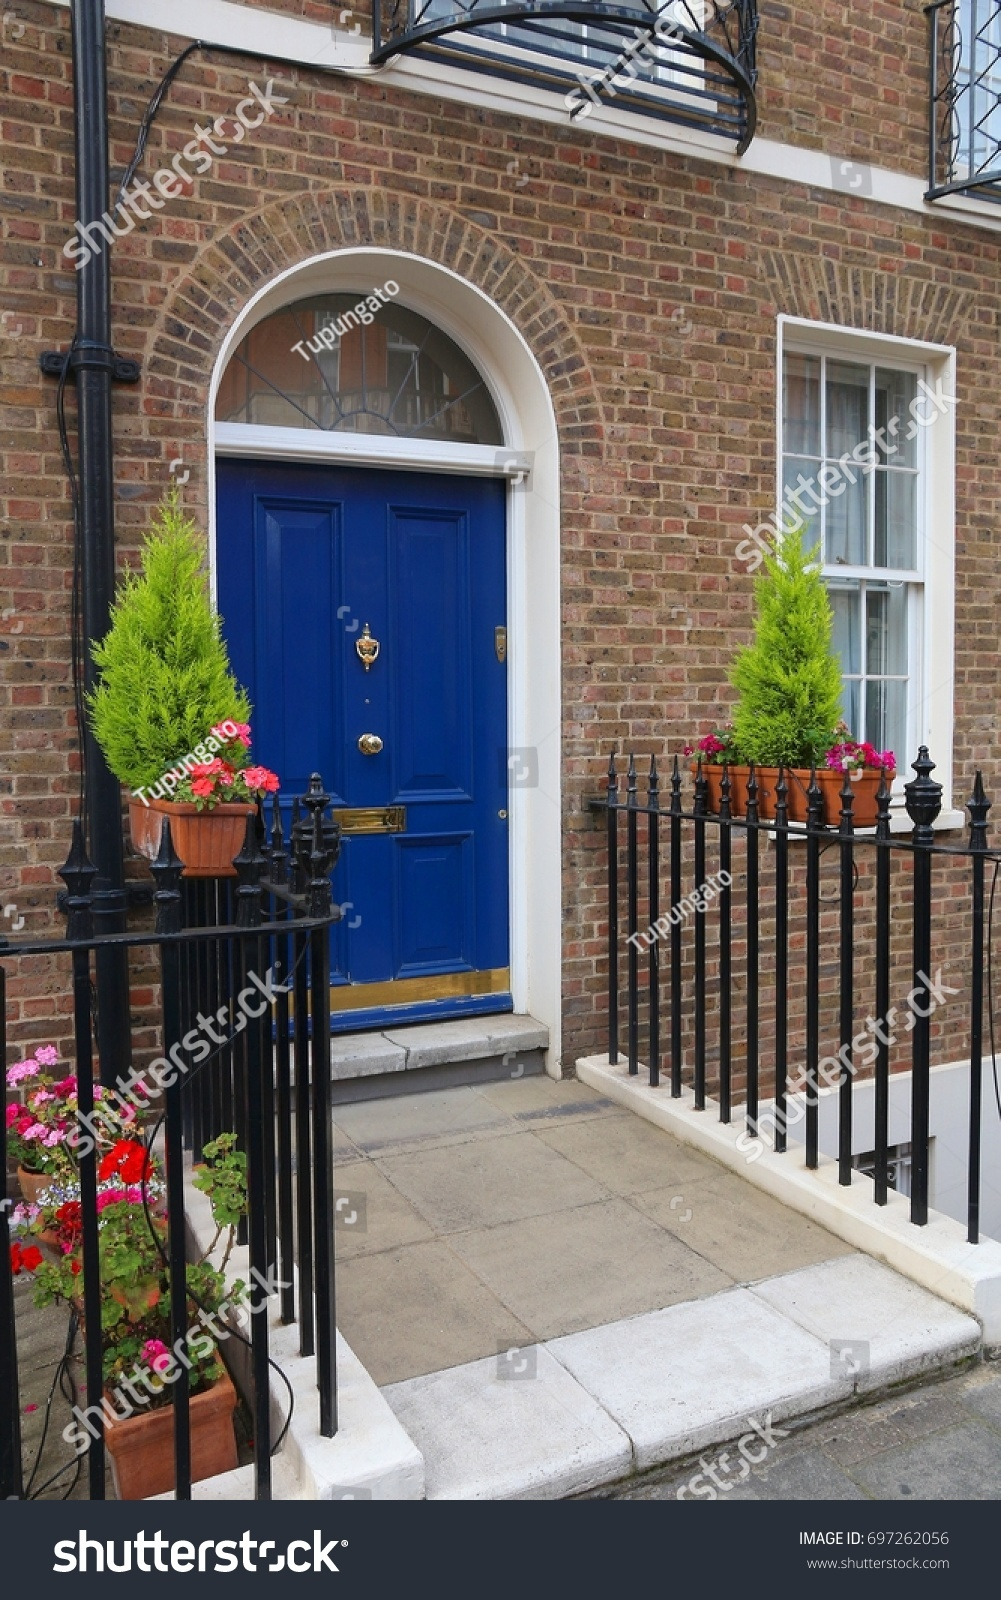 London Architecture Style Uk Beautiful Georgian Stock Photo - Beautiful georgian house in london